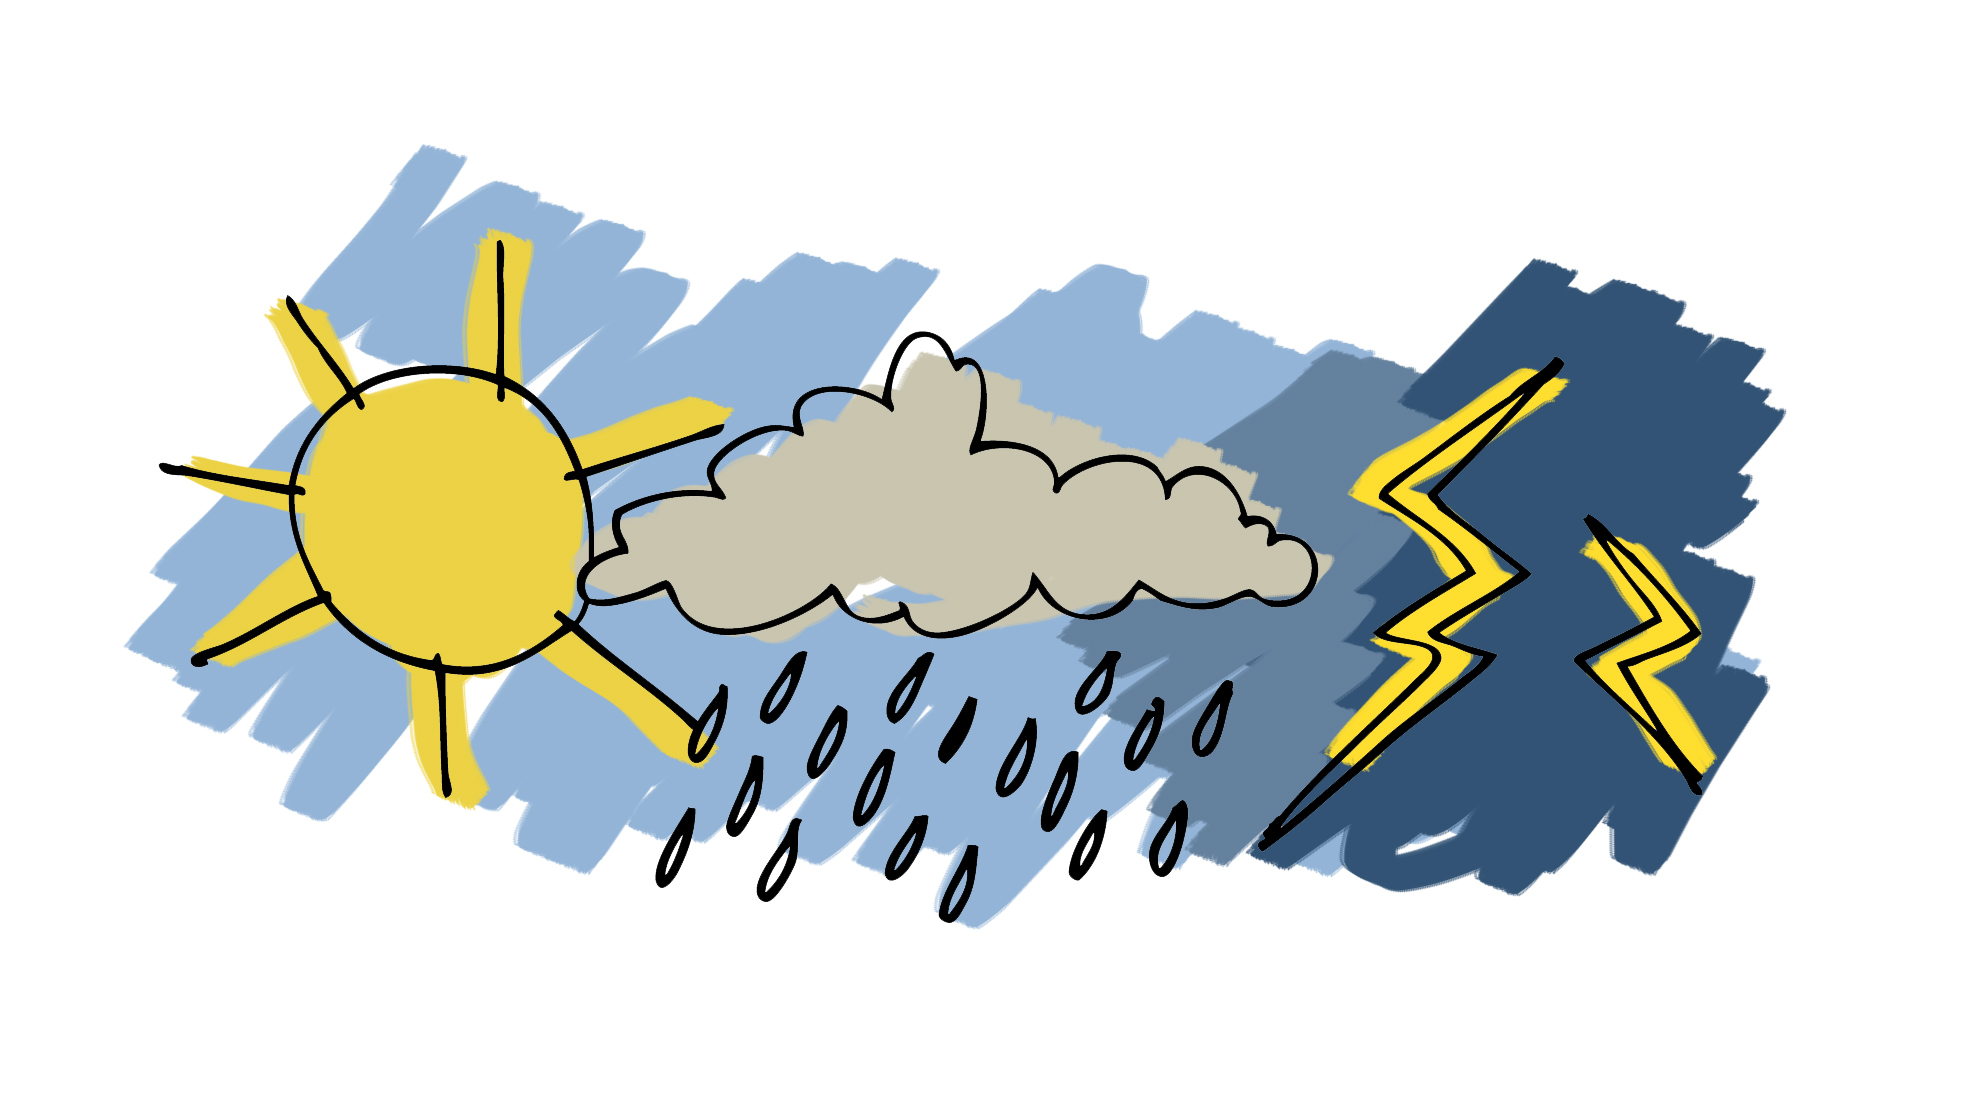 توقعات أحوال الطقس ليوم غد الأربعاء 25 مارس 2015